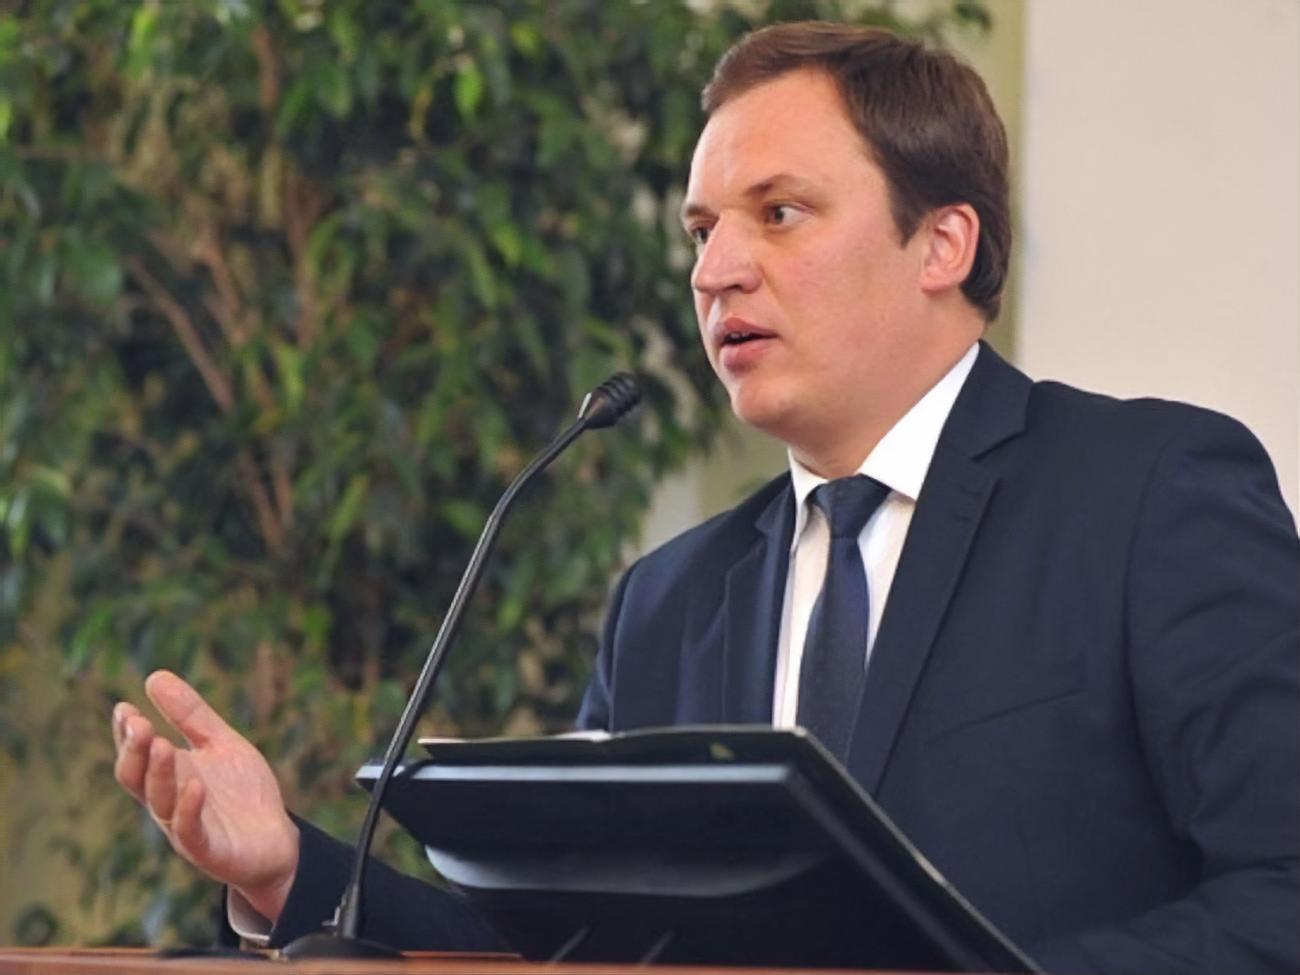 Глава лесхоза Житомирской области написал заявление об увольнении по тре...